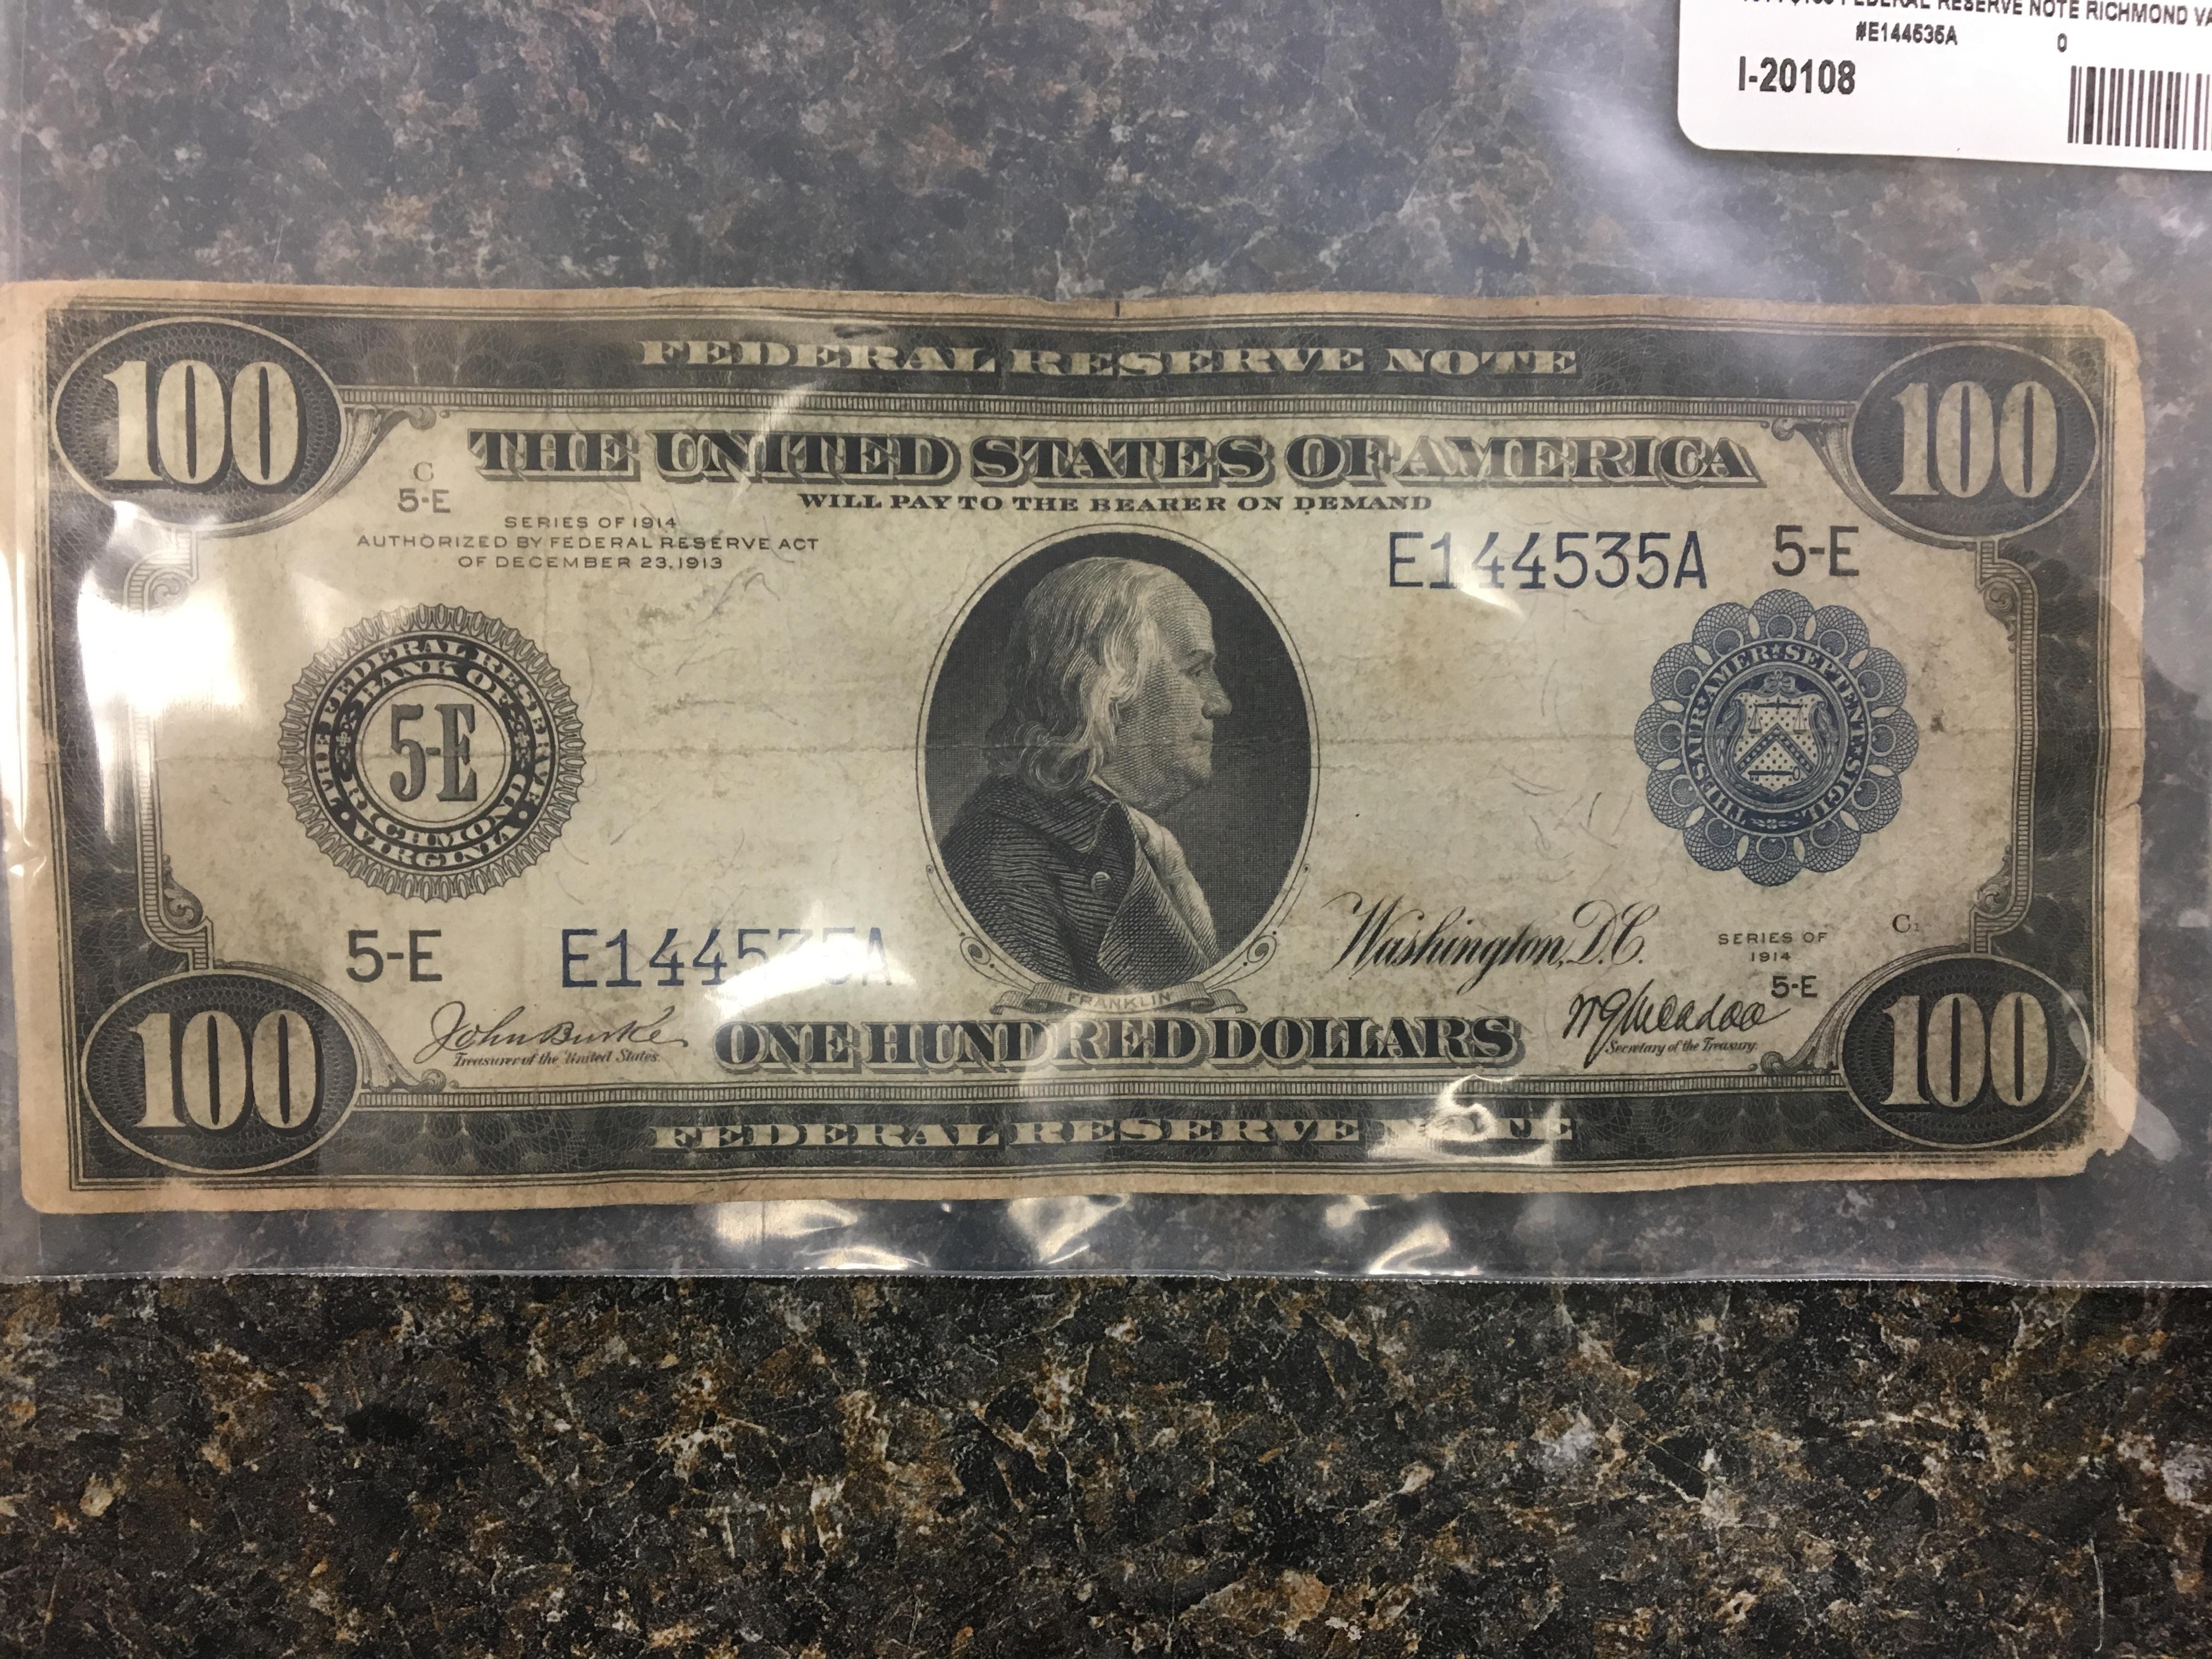 1914 $100 FEDERAL RESERVE NOTE RICHMOND VA-5E